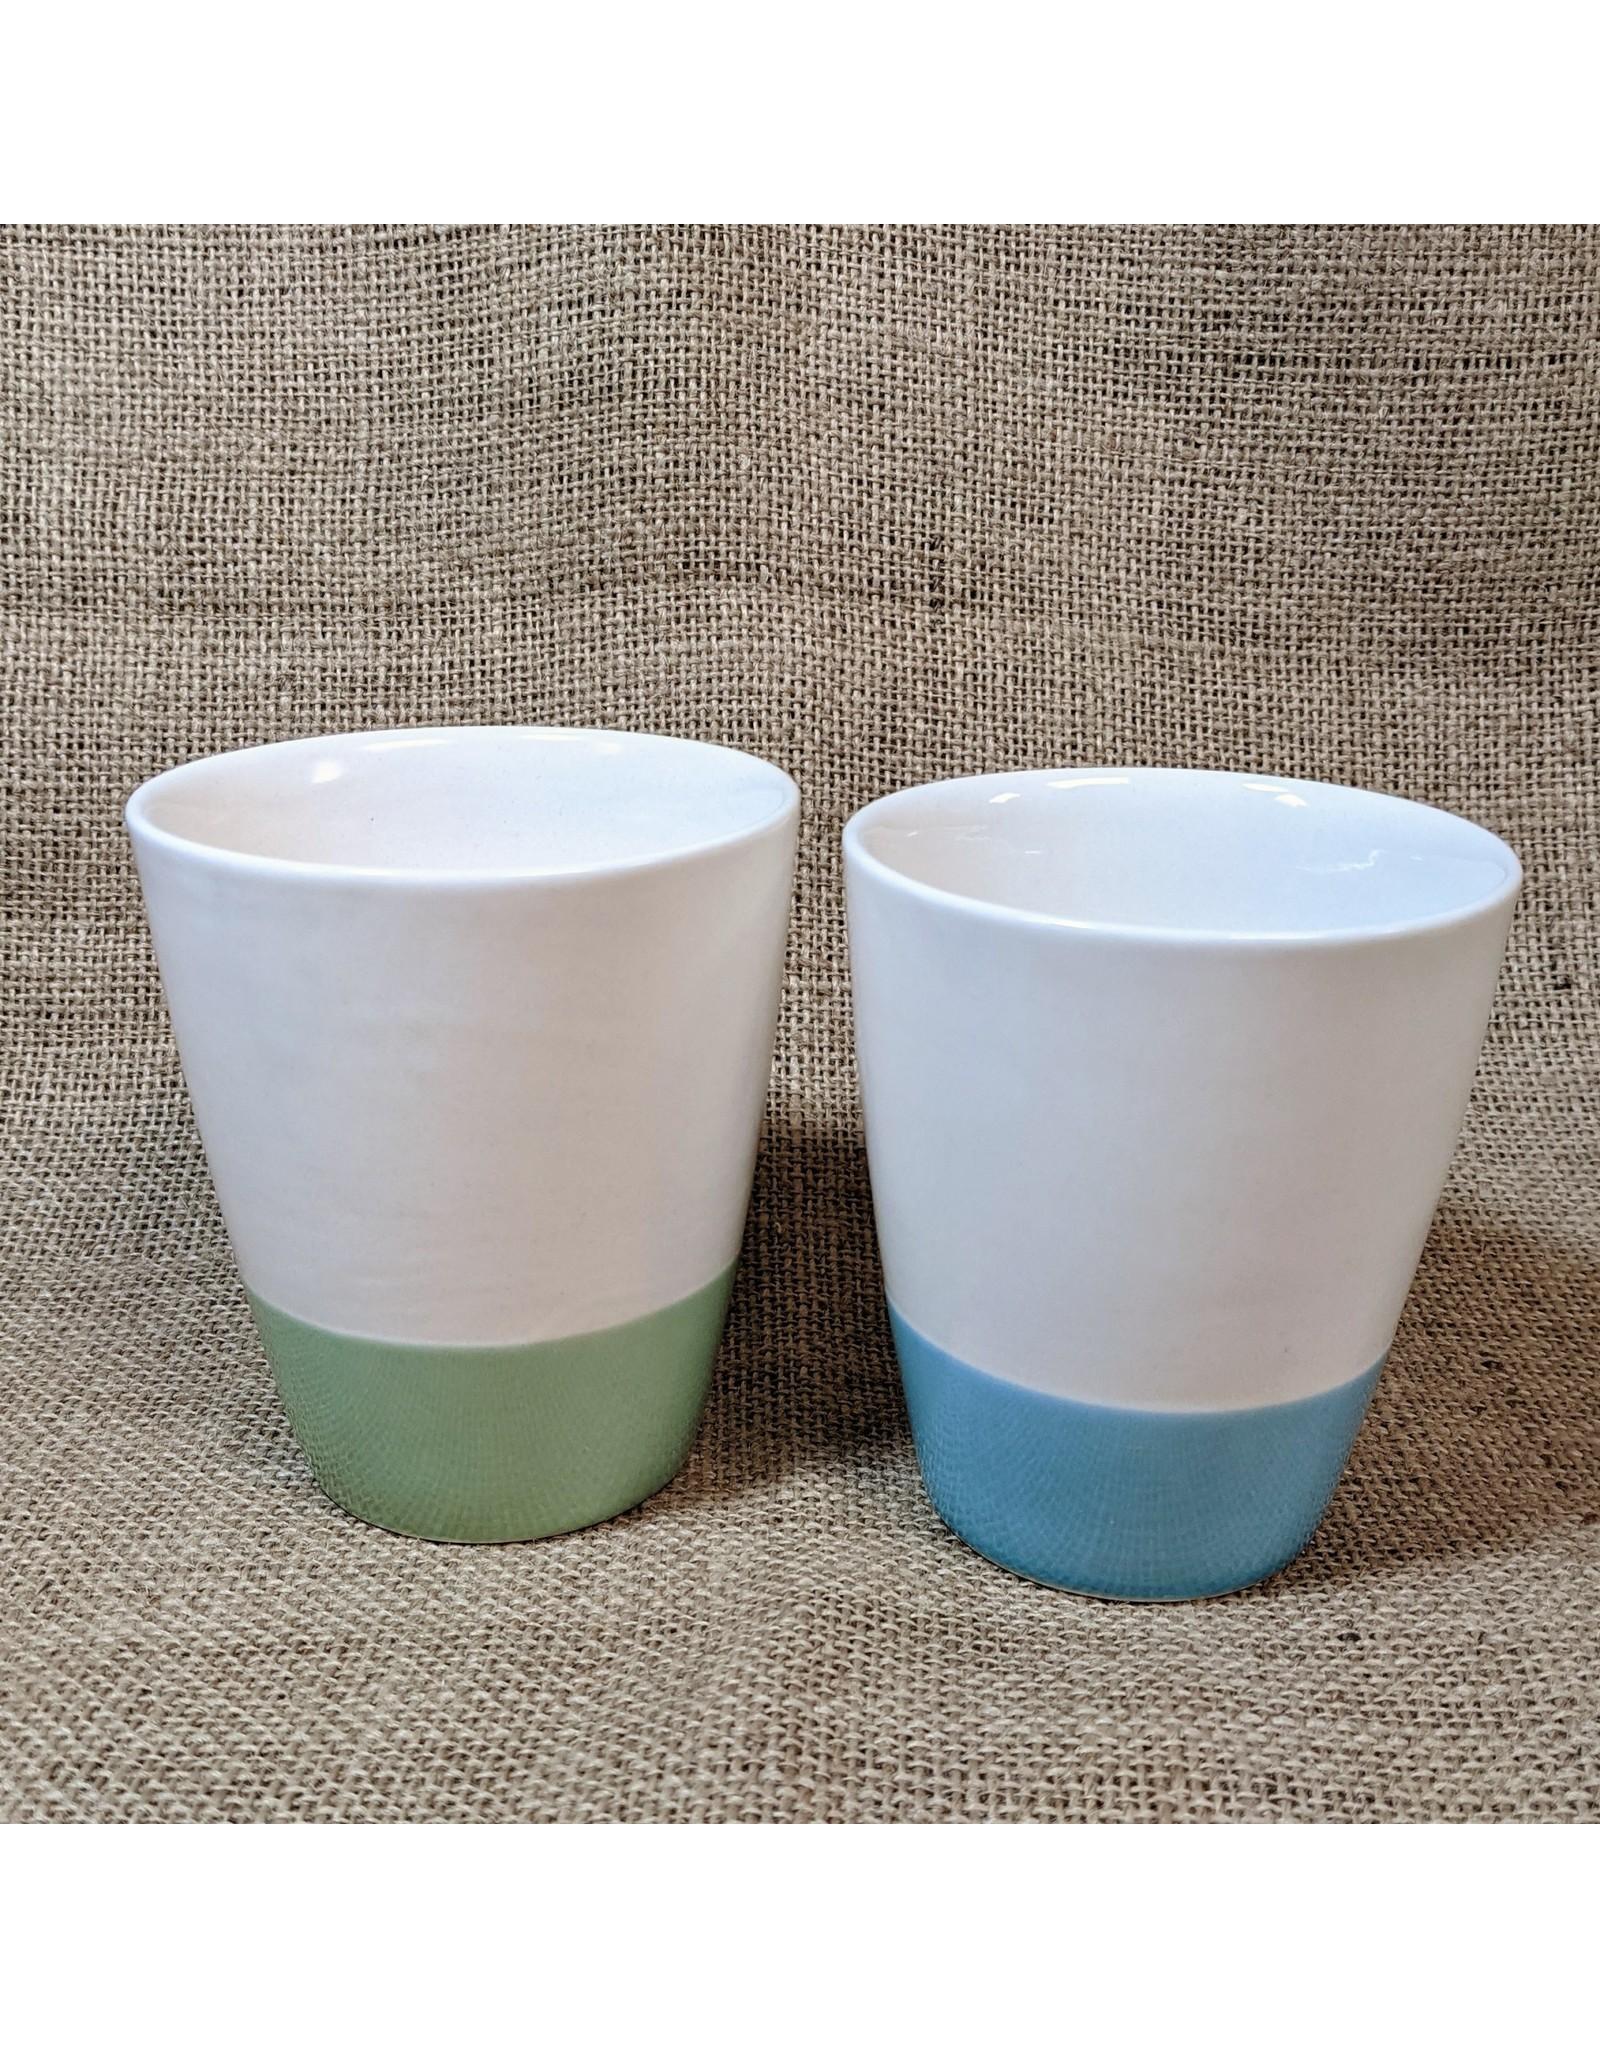 Ten Thousand Villages CLEARANCE  Green Bottom Ceramic Mug, Vietnam